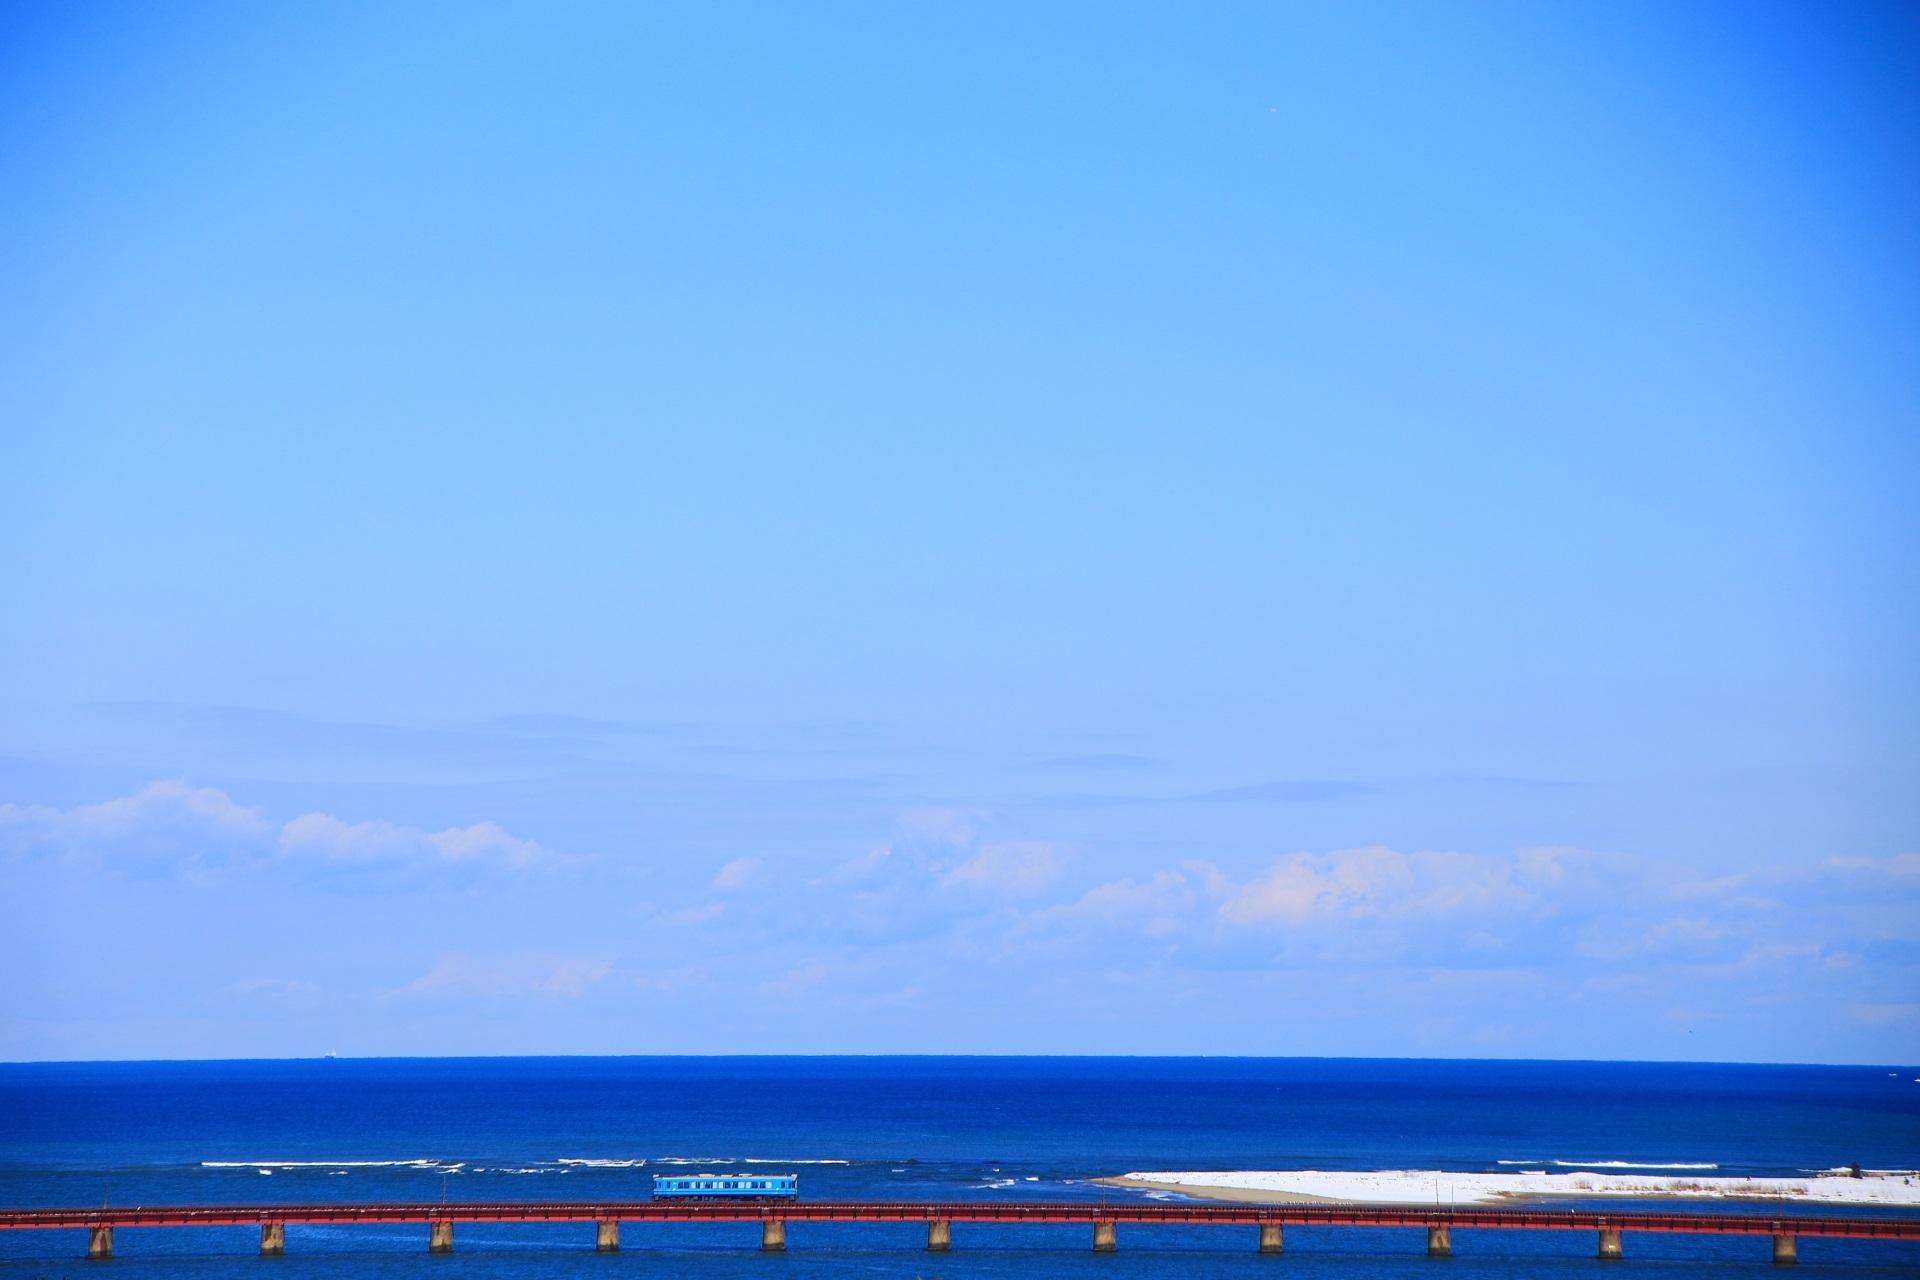 青い海の上を走る由良川橋梁の京都丹後鉄道